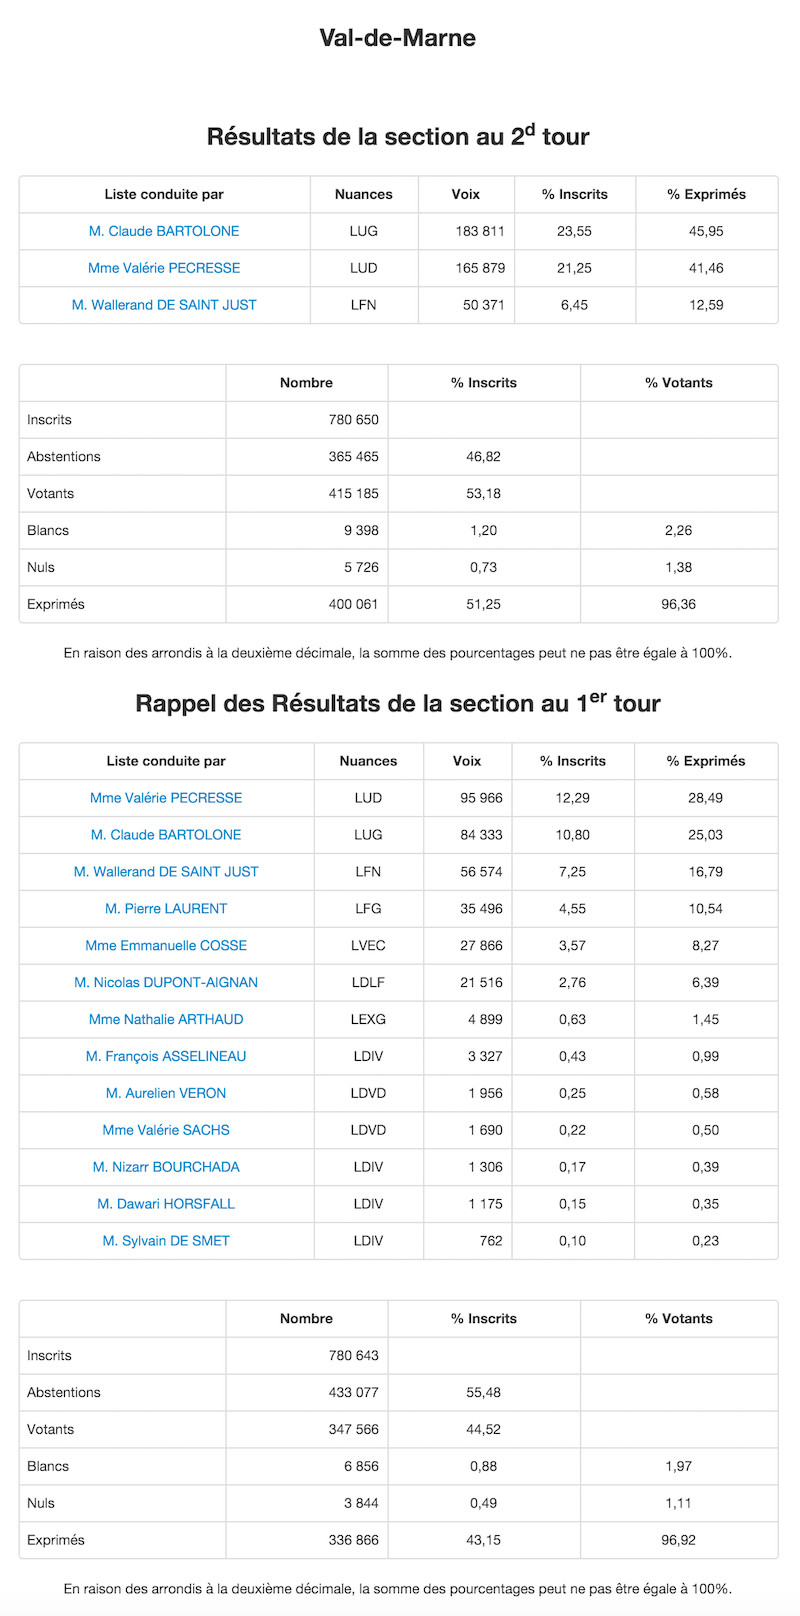 Régionales 2015 - 2nd et 1er tour dans le Val de Marne © Ministère de l'Intérieur